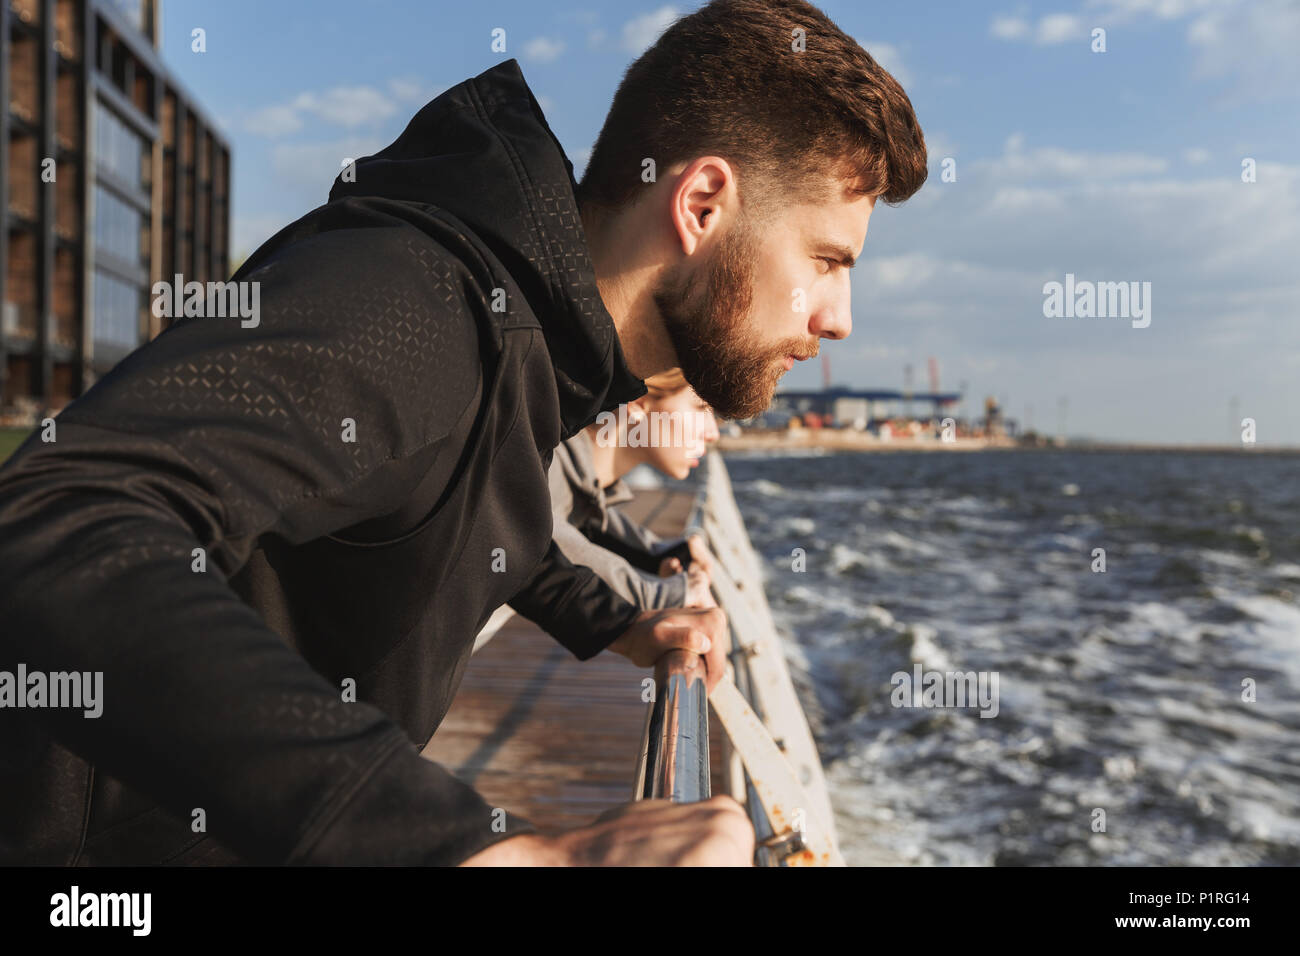 Nahaufnahme einer konzentrierten Fitness mann Aufwärmen am Strand mit einer Frau auf einem Hintergrund Stockbild